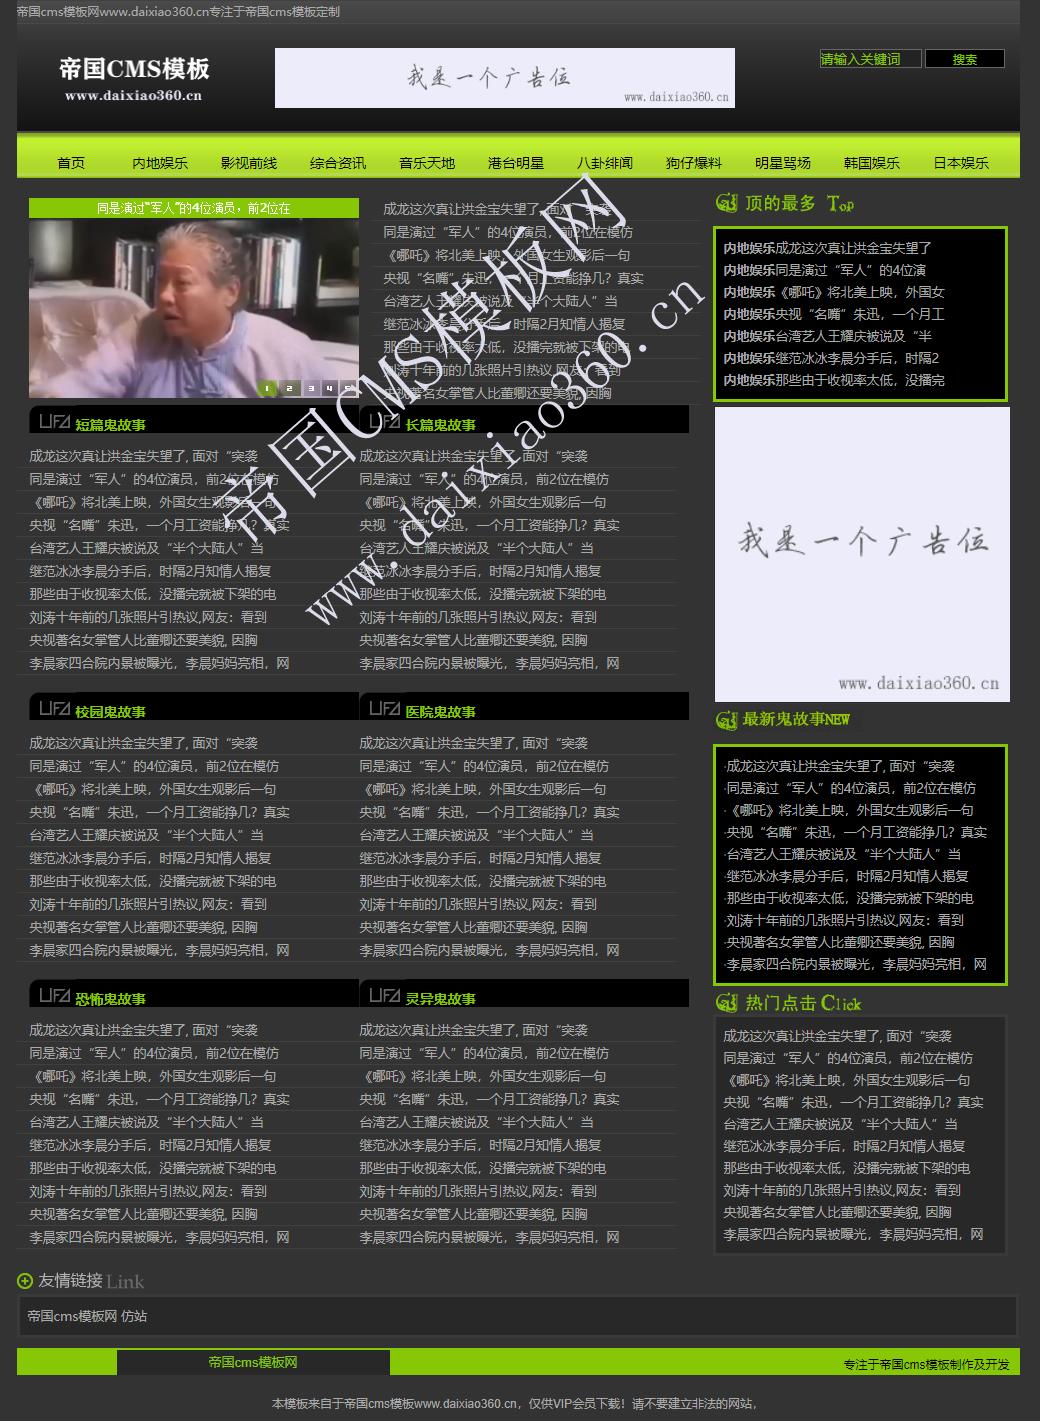 帝国cms黑色系鬼故事文章网站模板-首页